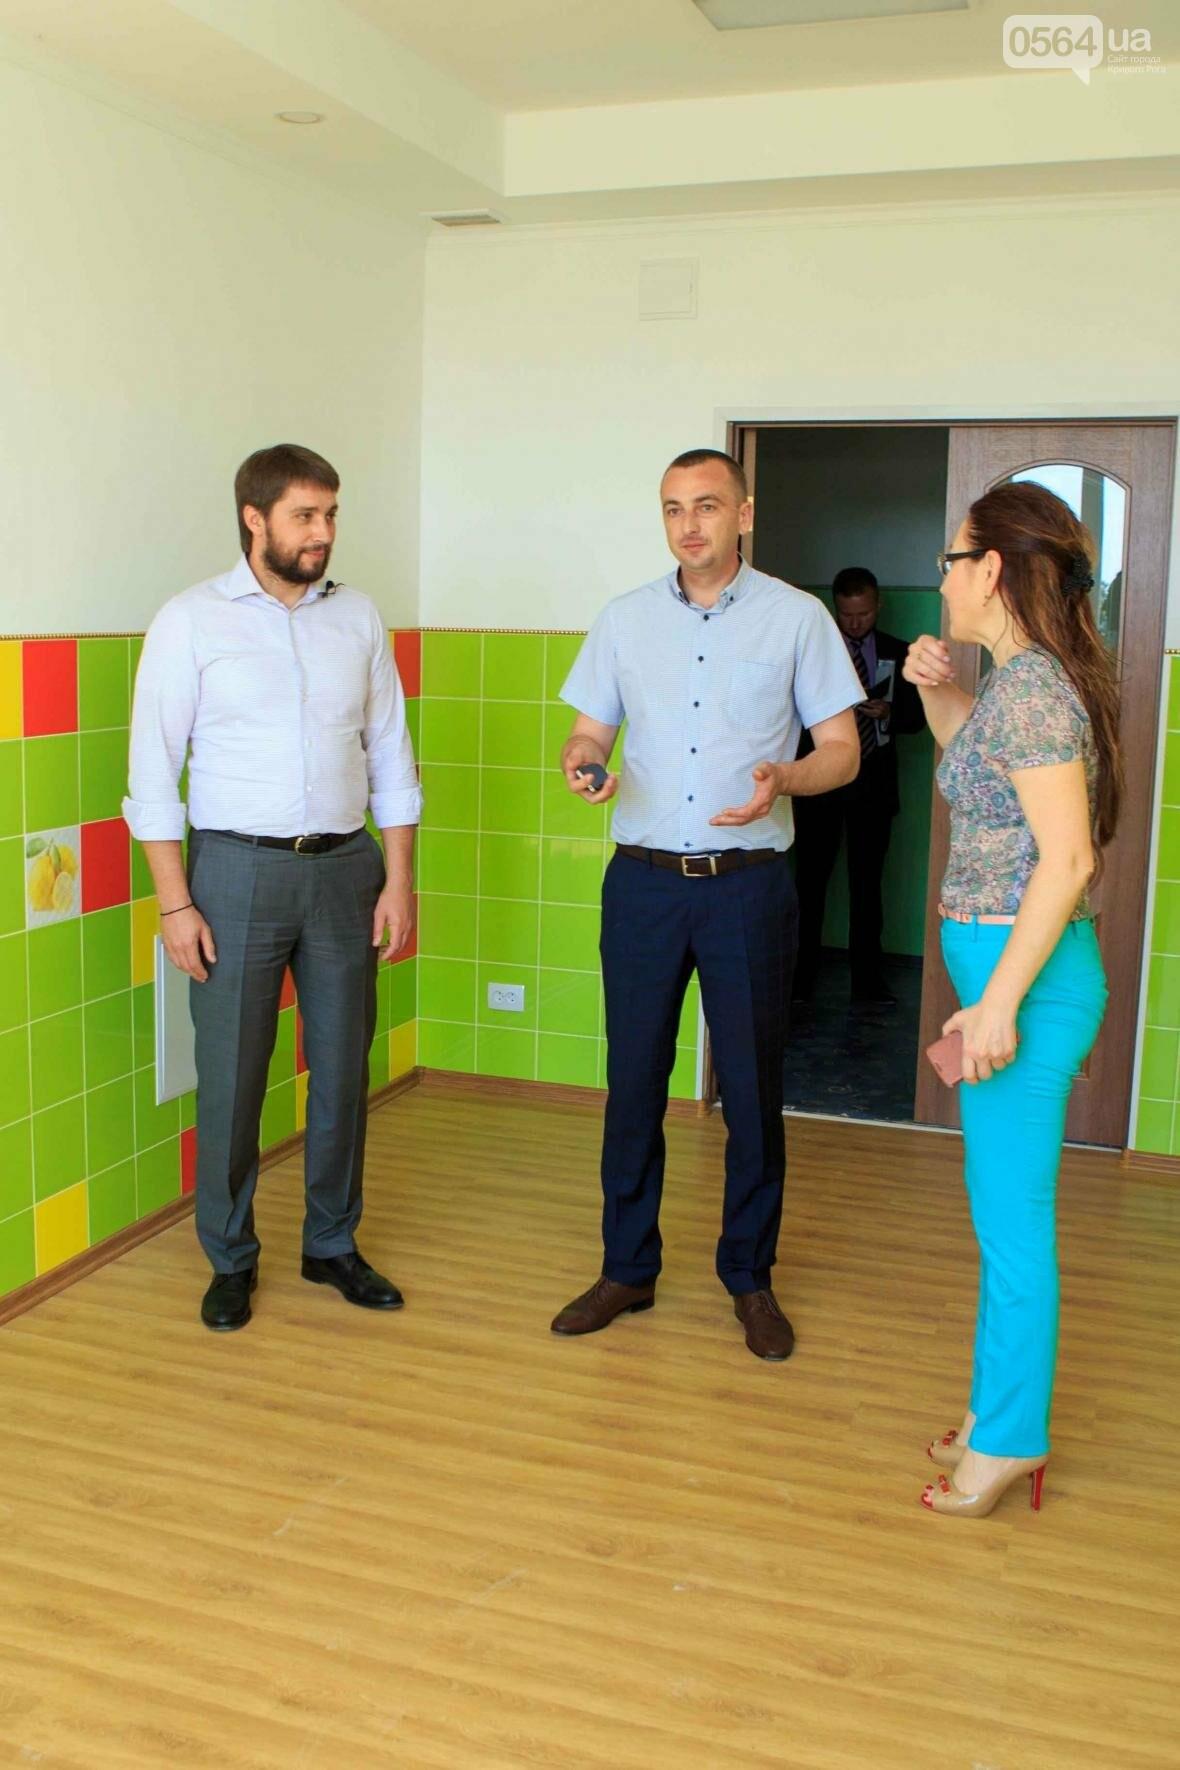 Центральный ГОК  выделил 1,7 миллиона на ремонт медицинских учреждений Петровского района, фото-3